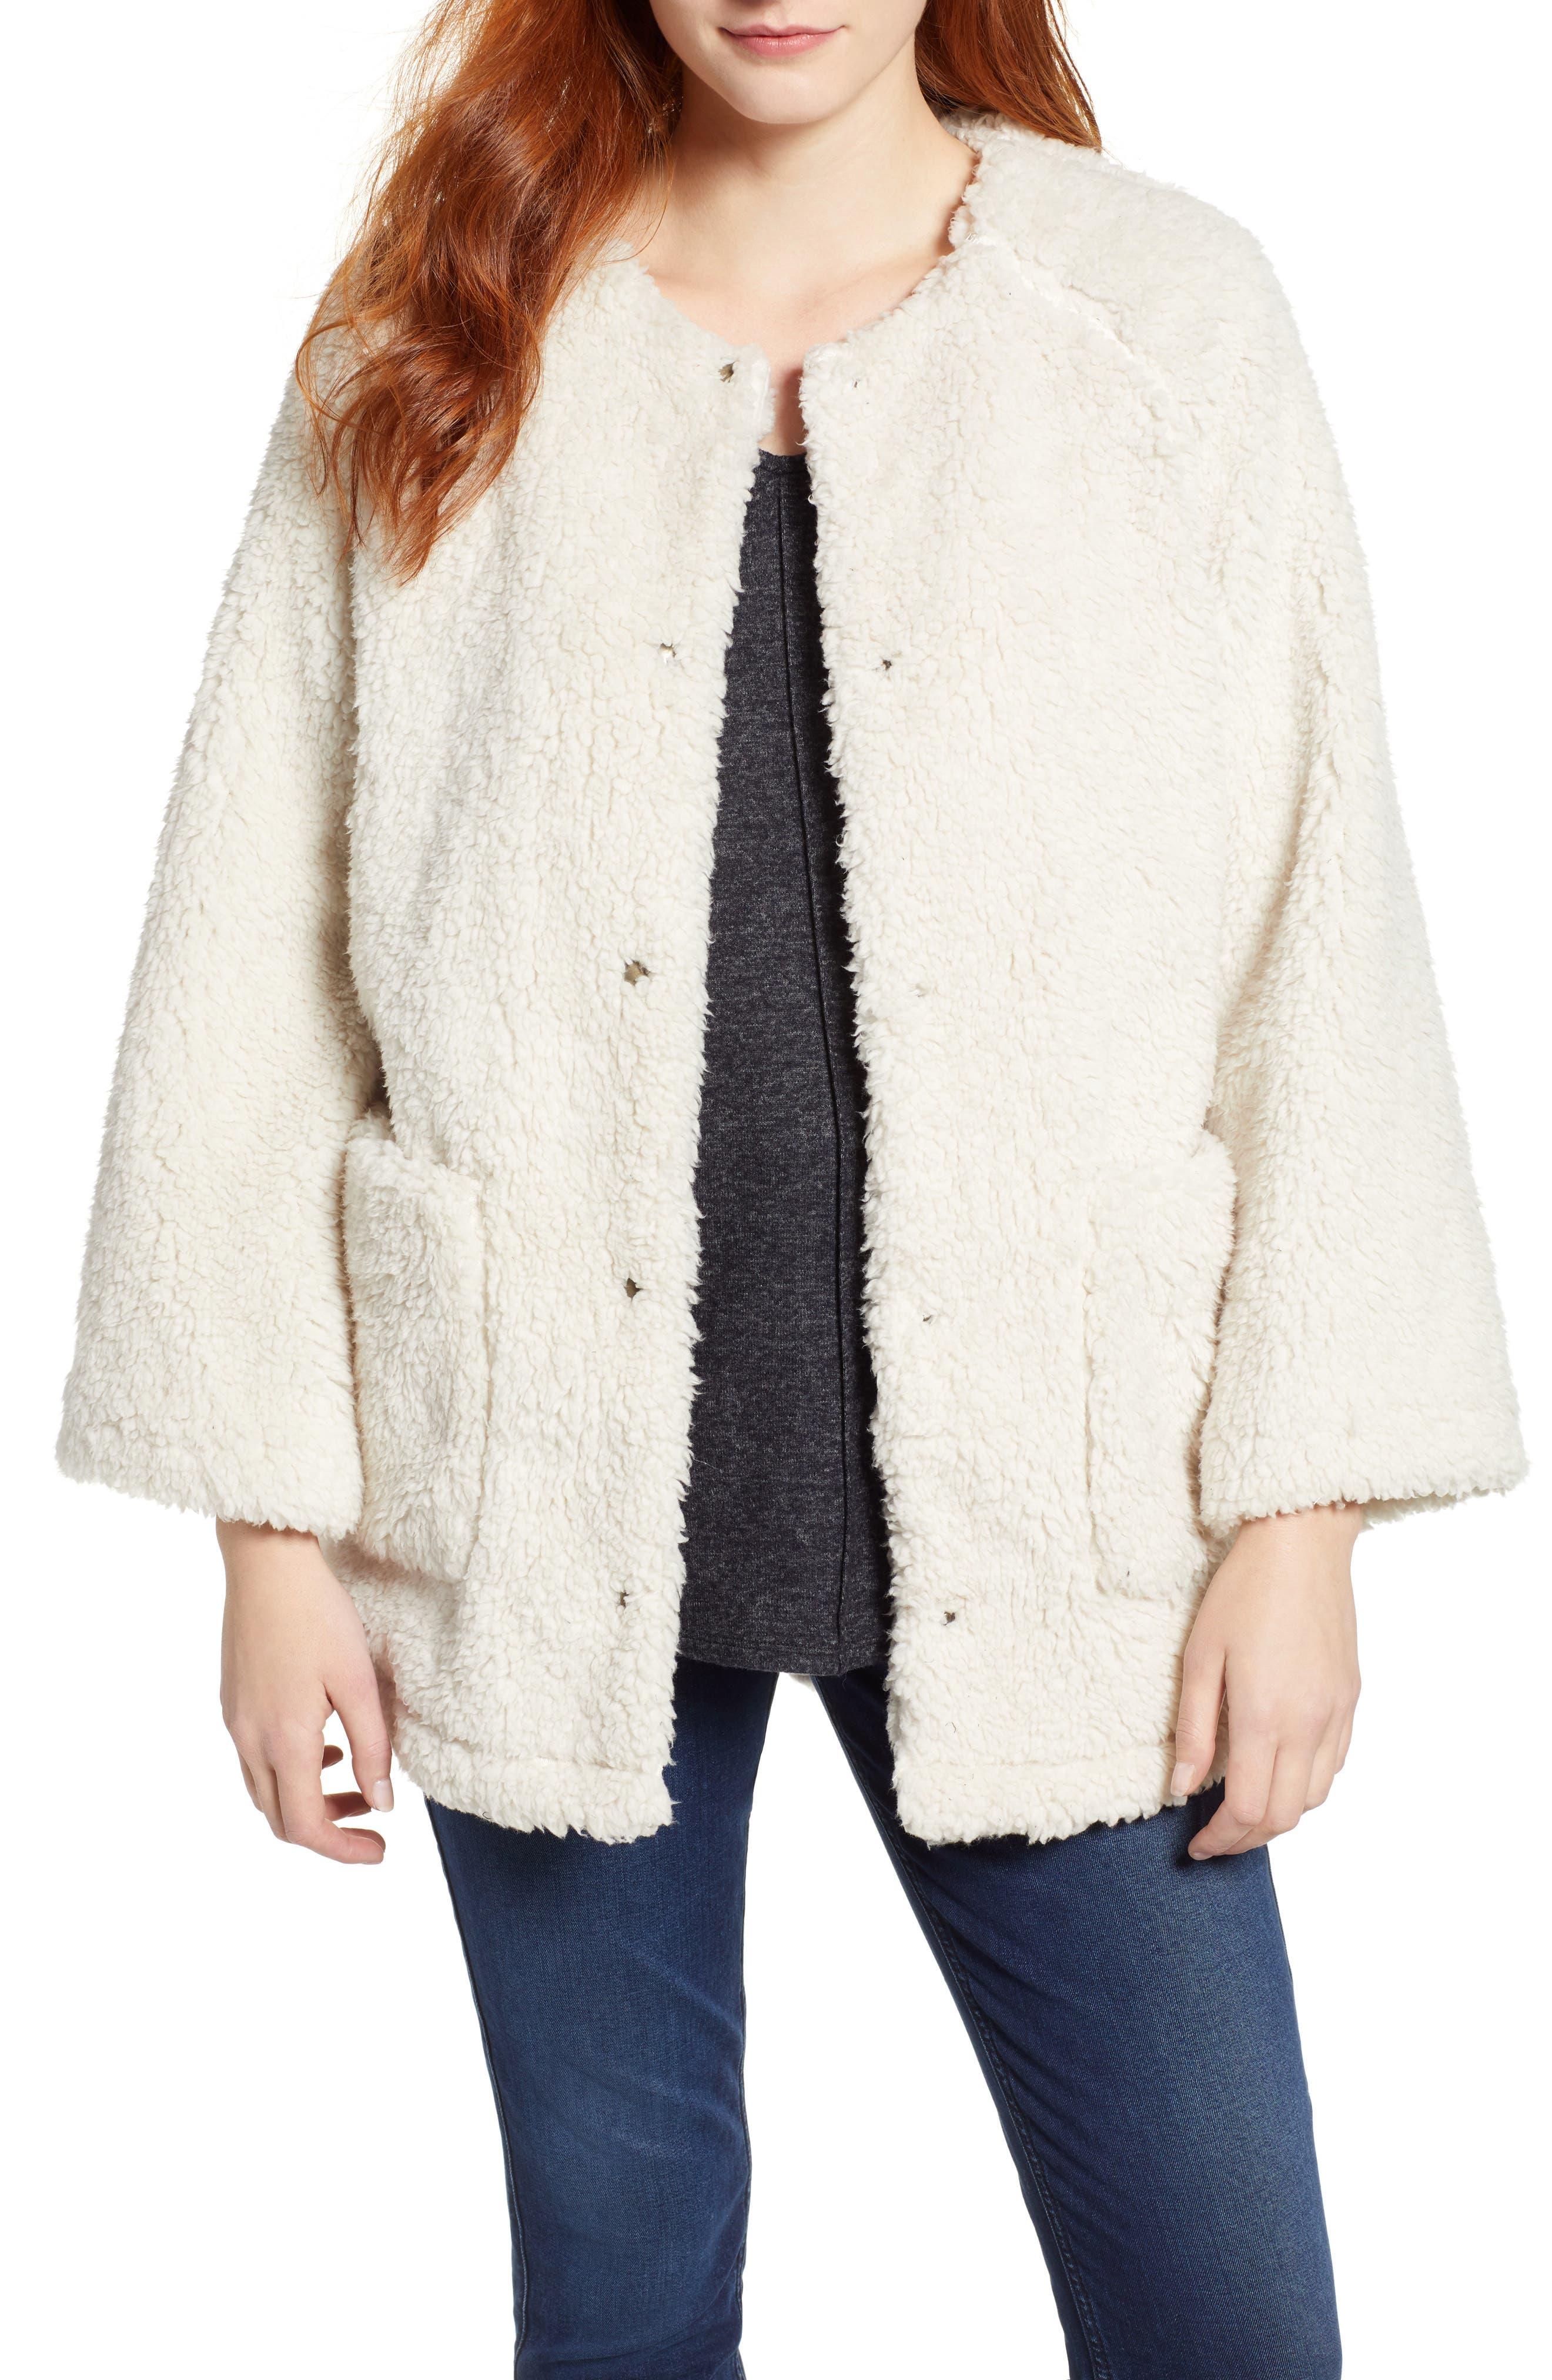 Caslon Fuzzy Fleece Jacket, Ivory